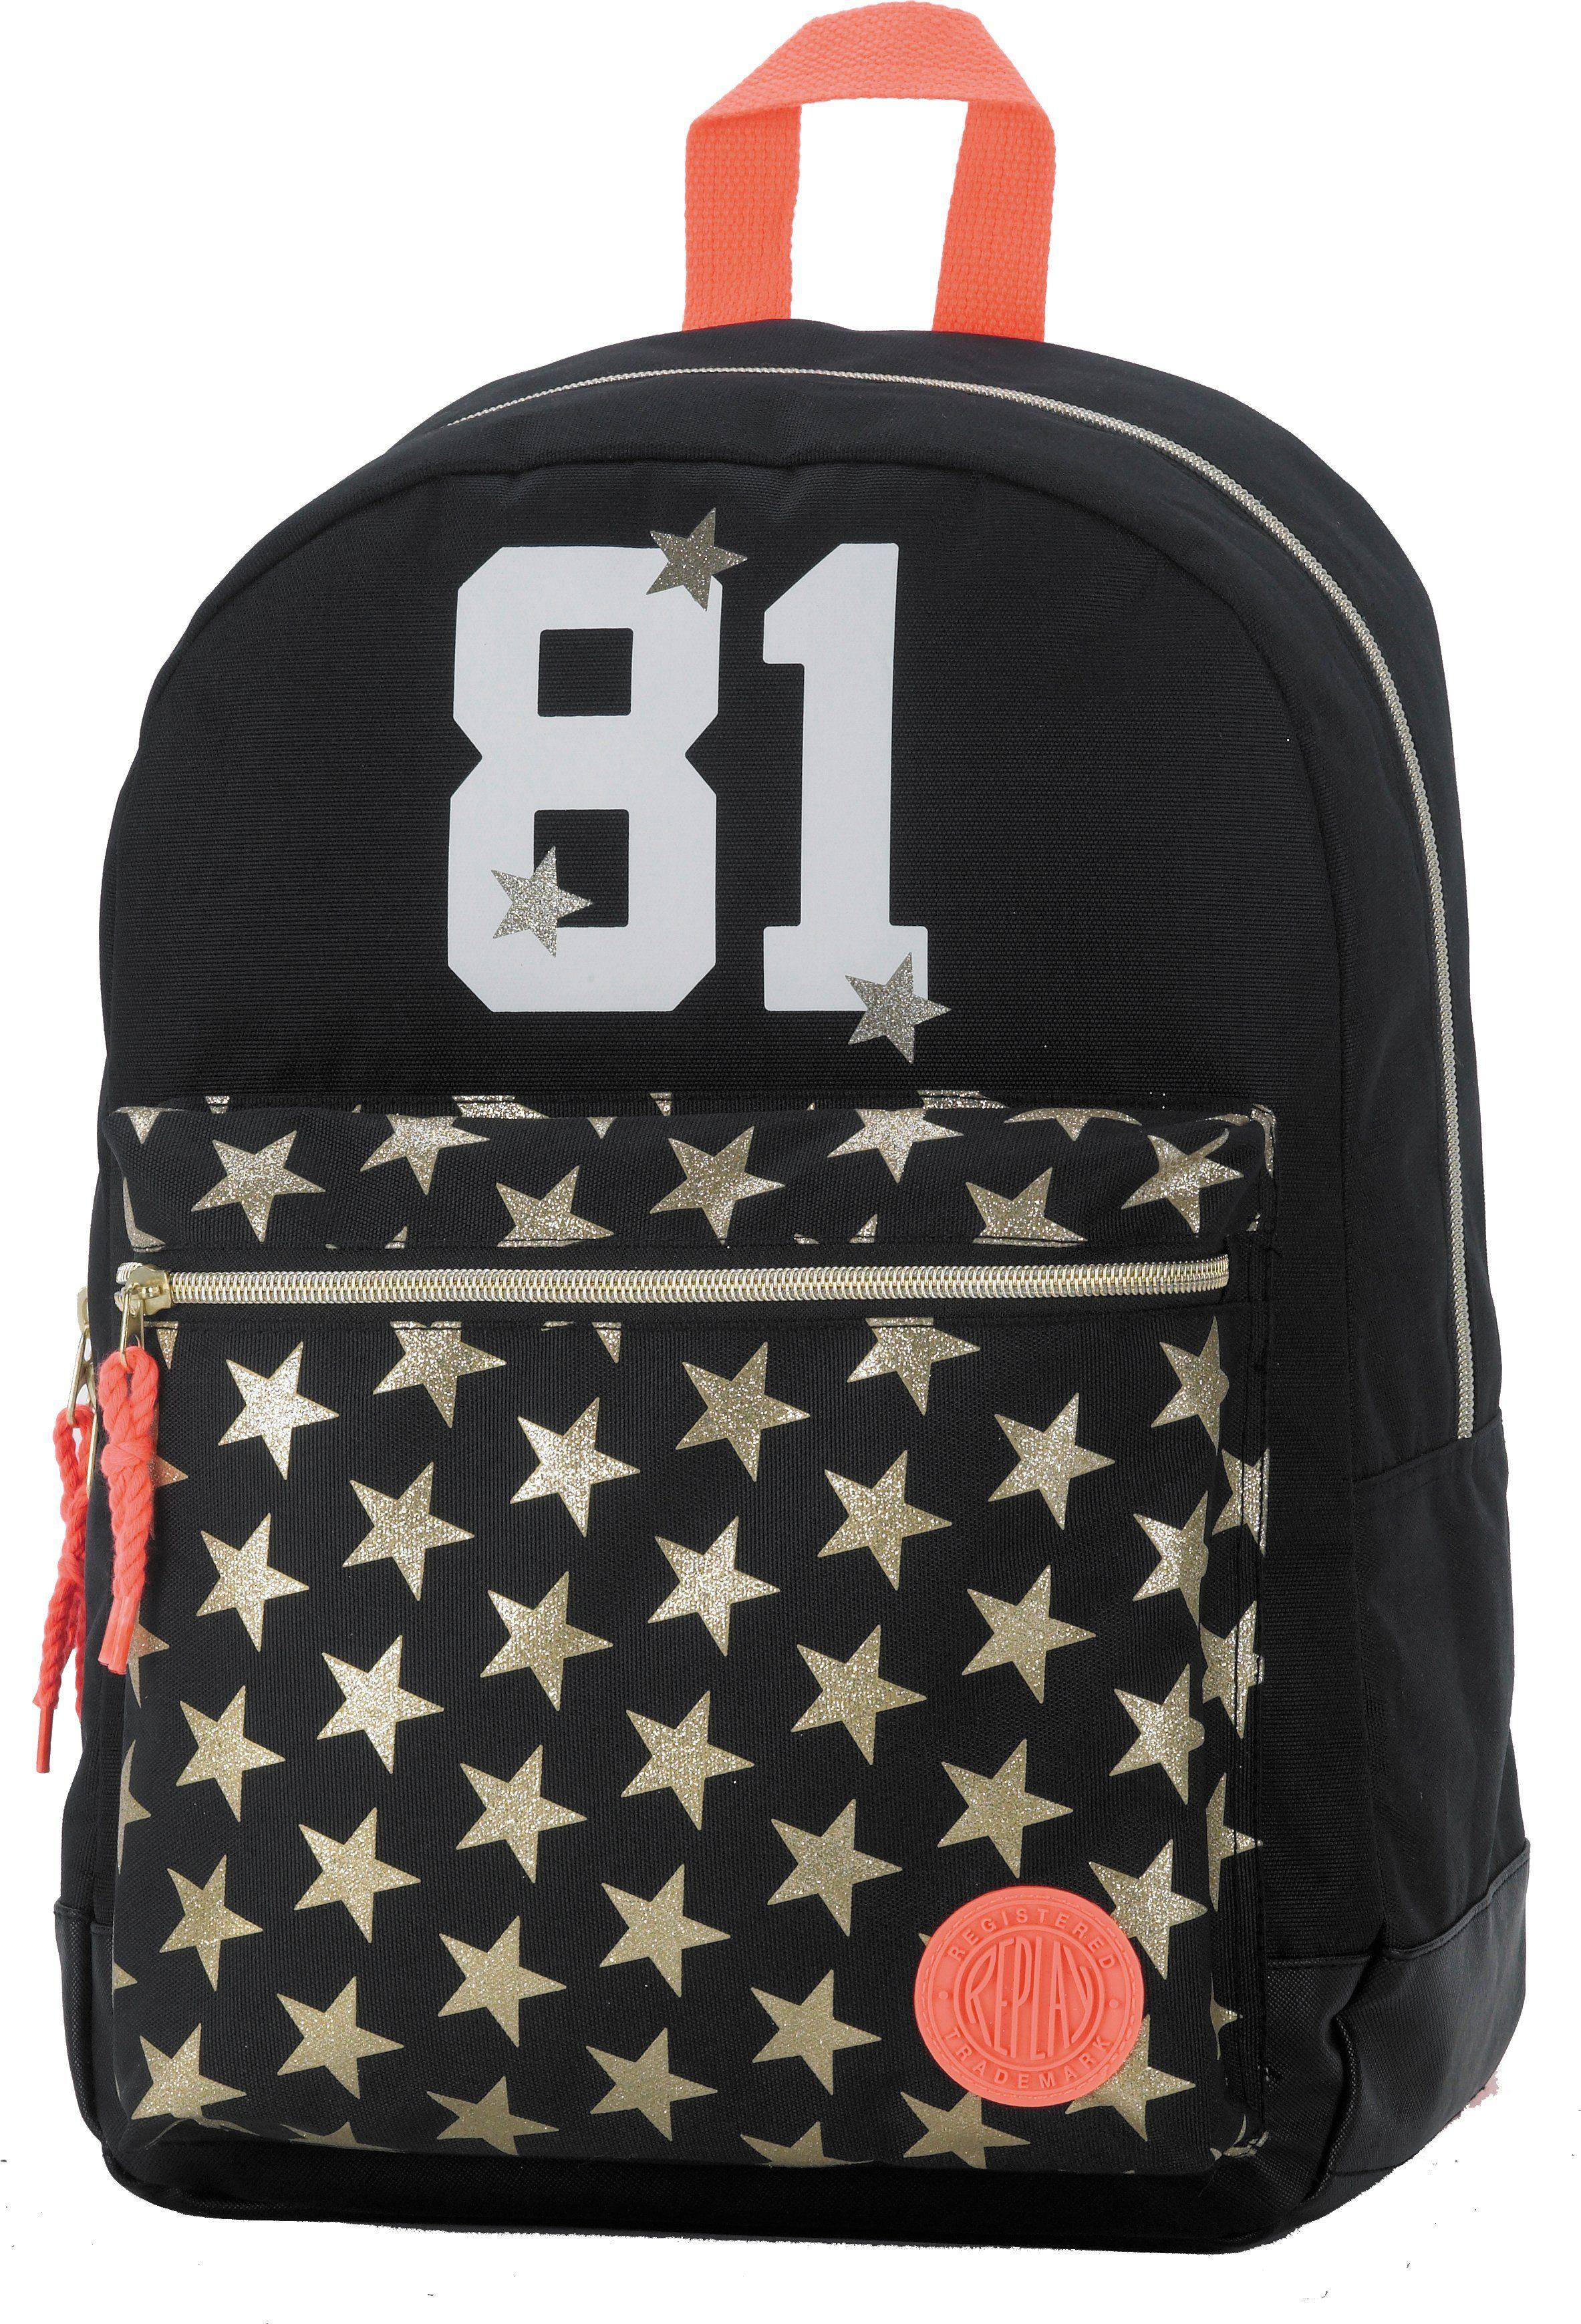 Replay Schulrucksack mit gummiertem Bodenschutz, »Classic Girls Backpack schwarz«